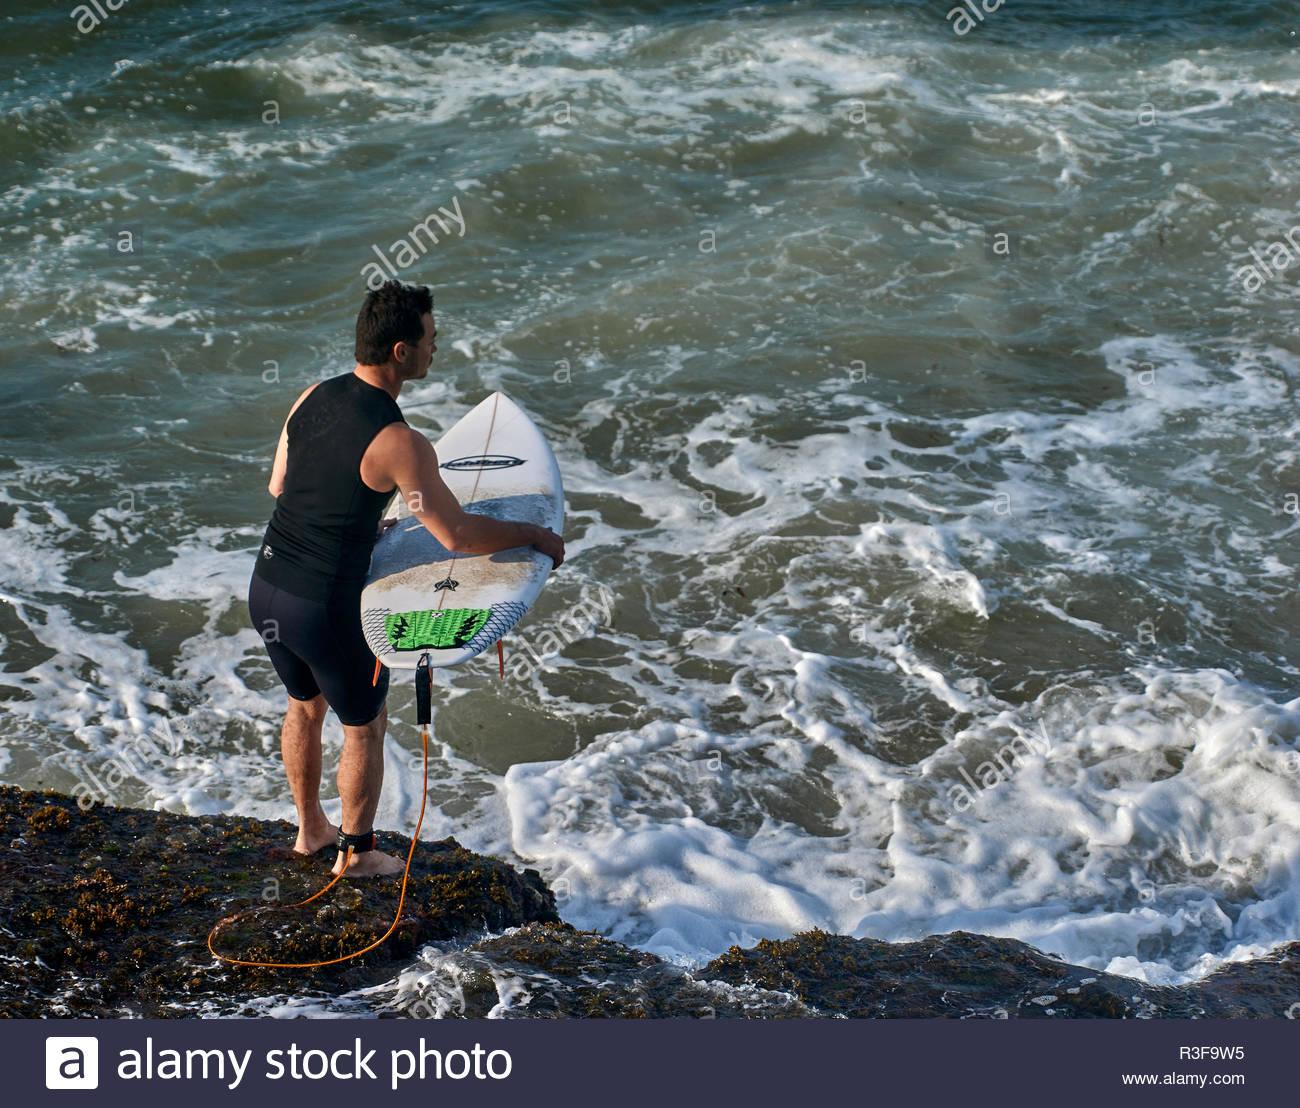 Un uomo con la sua tavola da surf, temporizzazione il suo ingresso per l'acqua da un roccioso promontorio; surf in spiaggia tornitori, Yamba, NSW, Australia. Immagini Stock